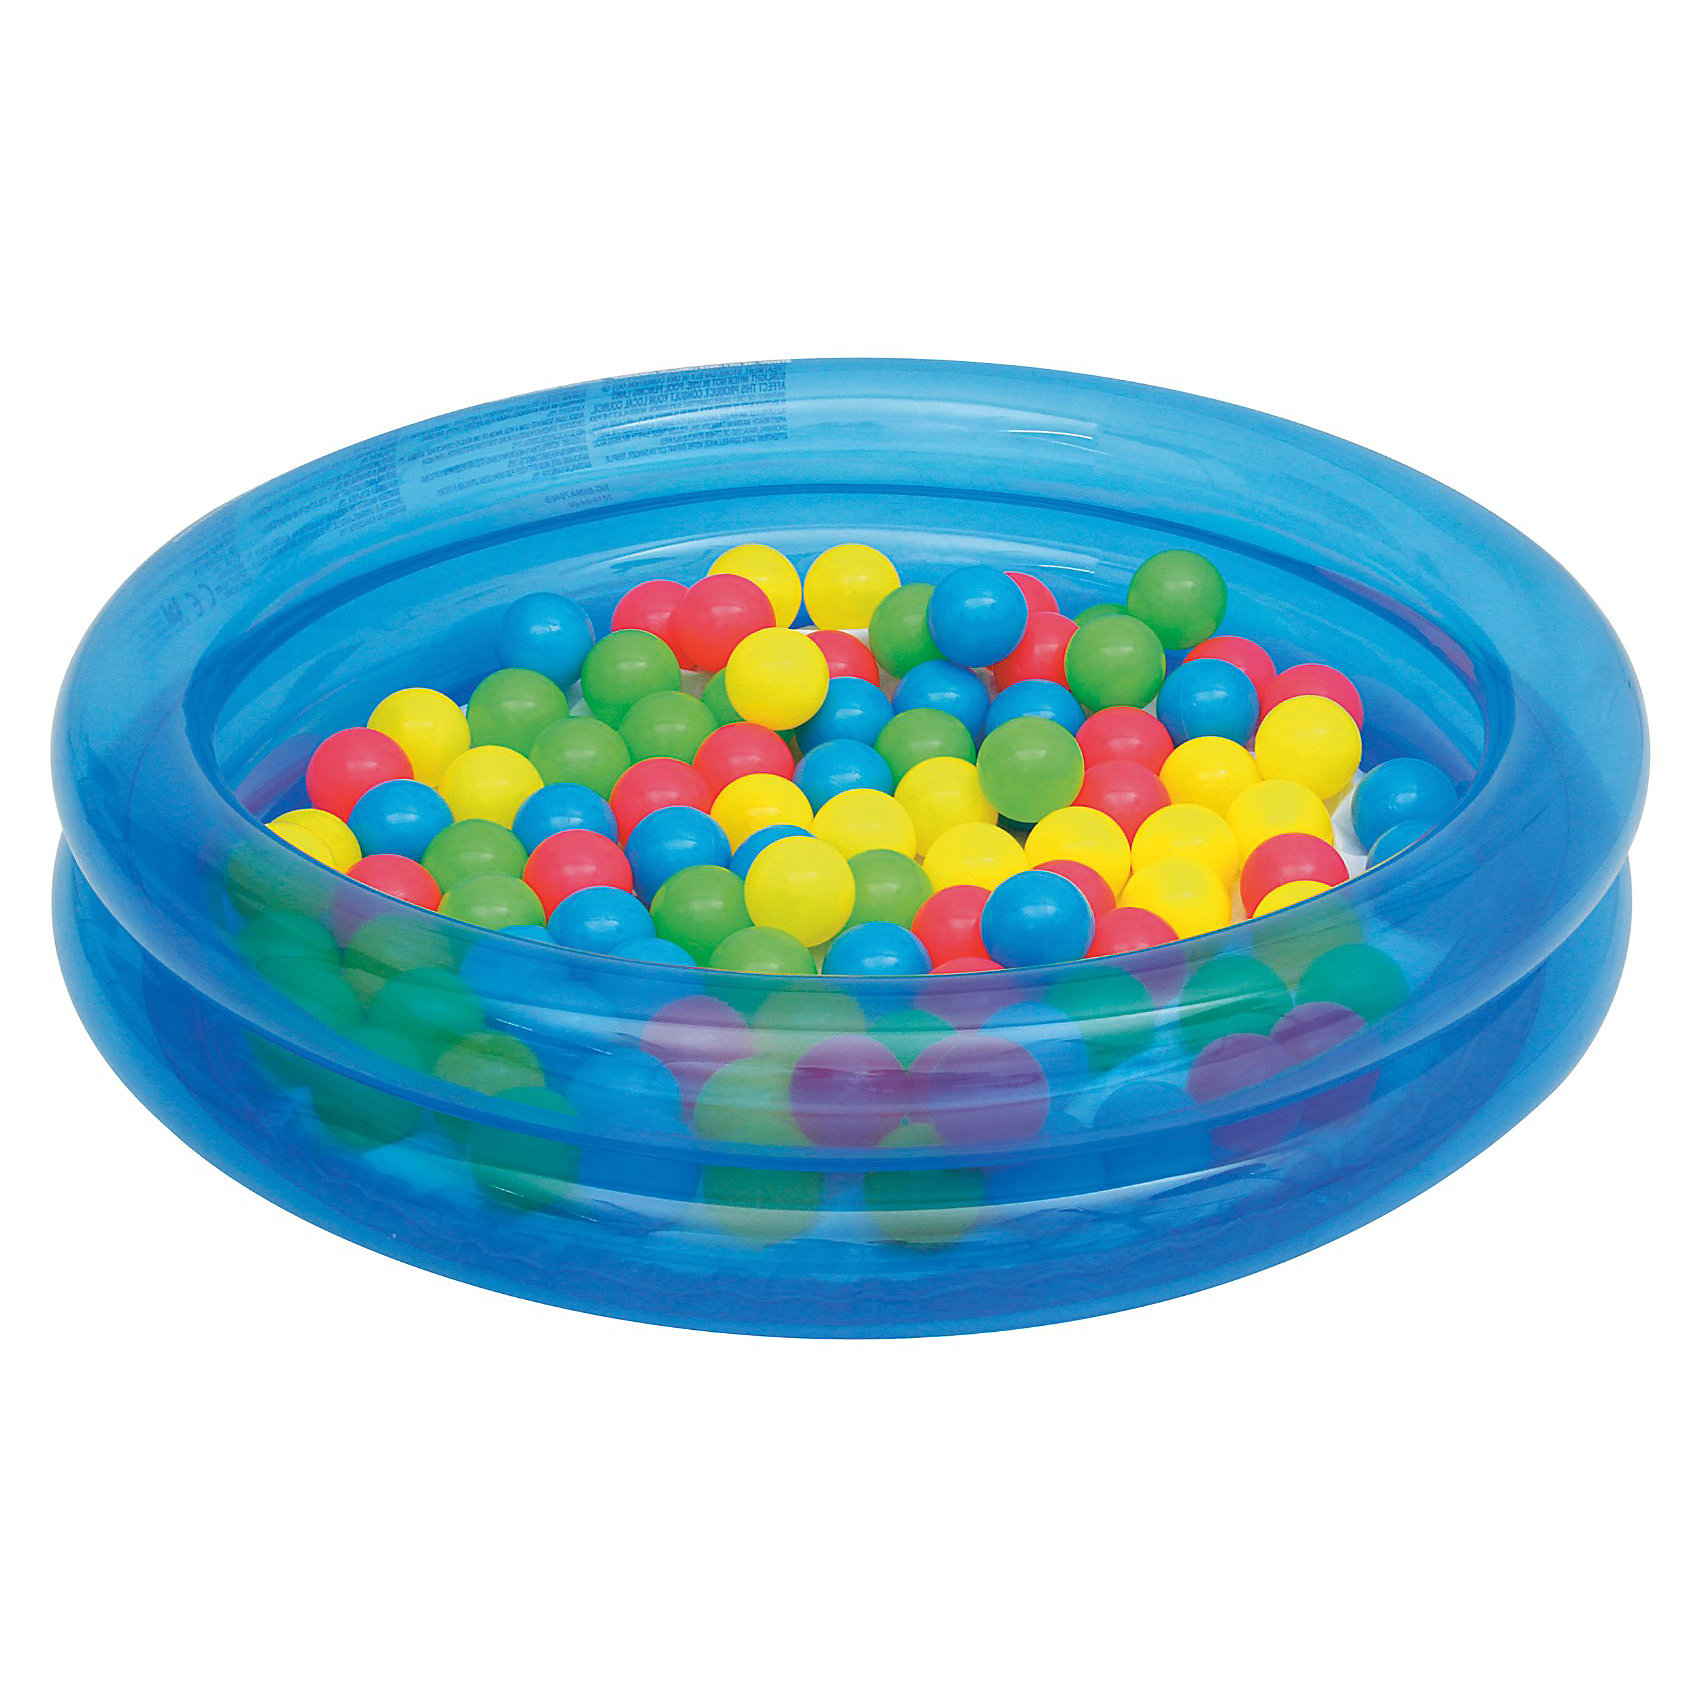 Bestway Детский надувной бассейн с 50 шариками для игры, Bestway бассейн bestway 457х107см бв57127